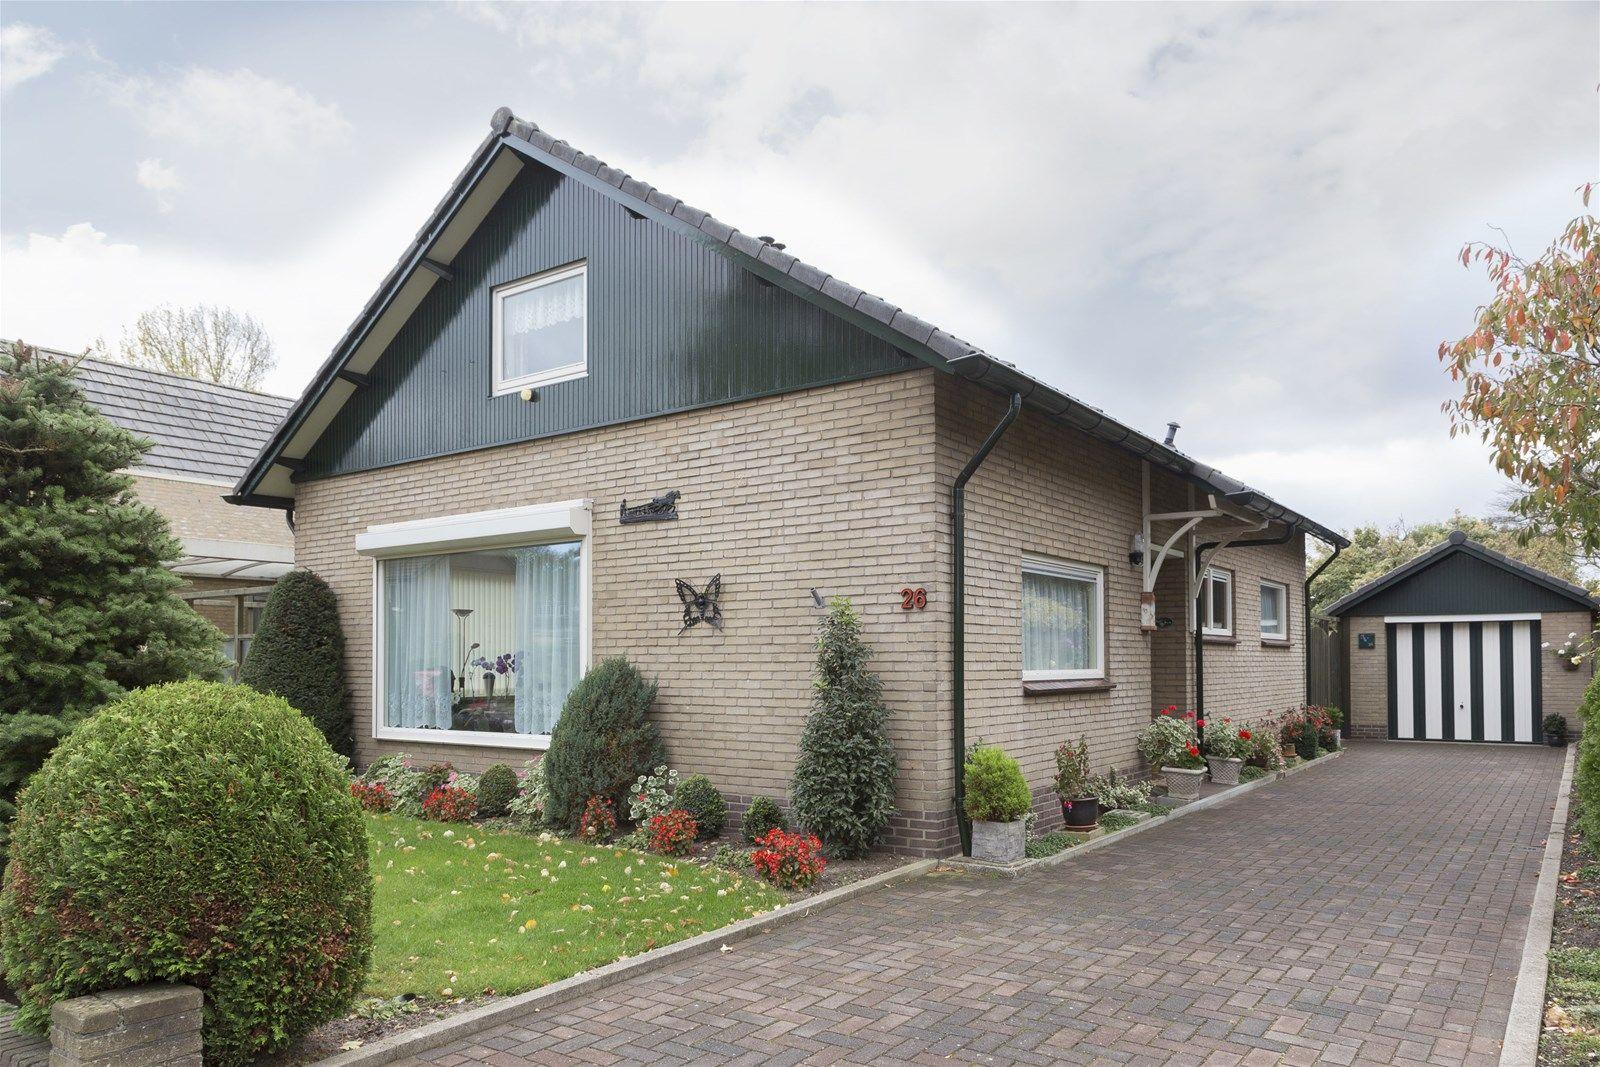 Kruizemuntstraat 26, Apeldoorn